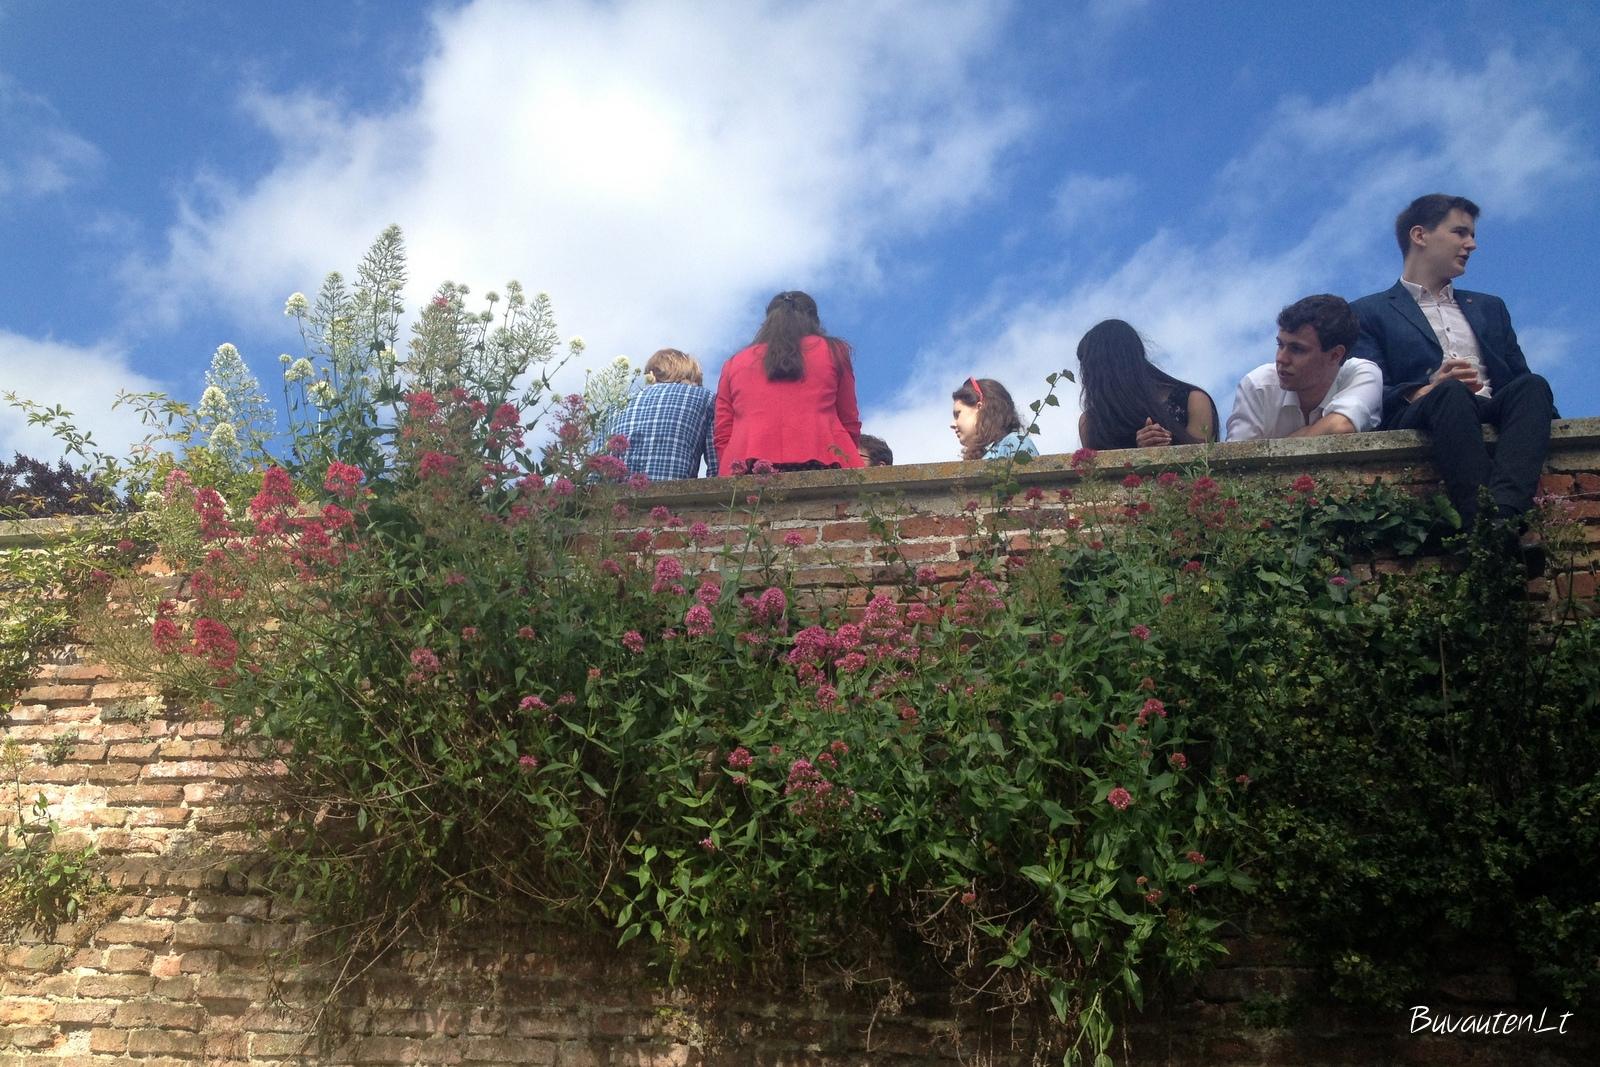 Kembridžo studentai ant koledžo tvoros